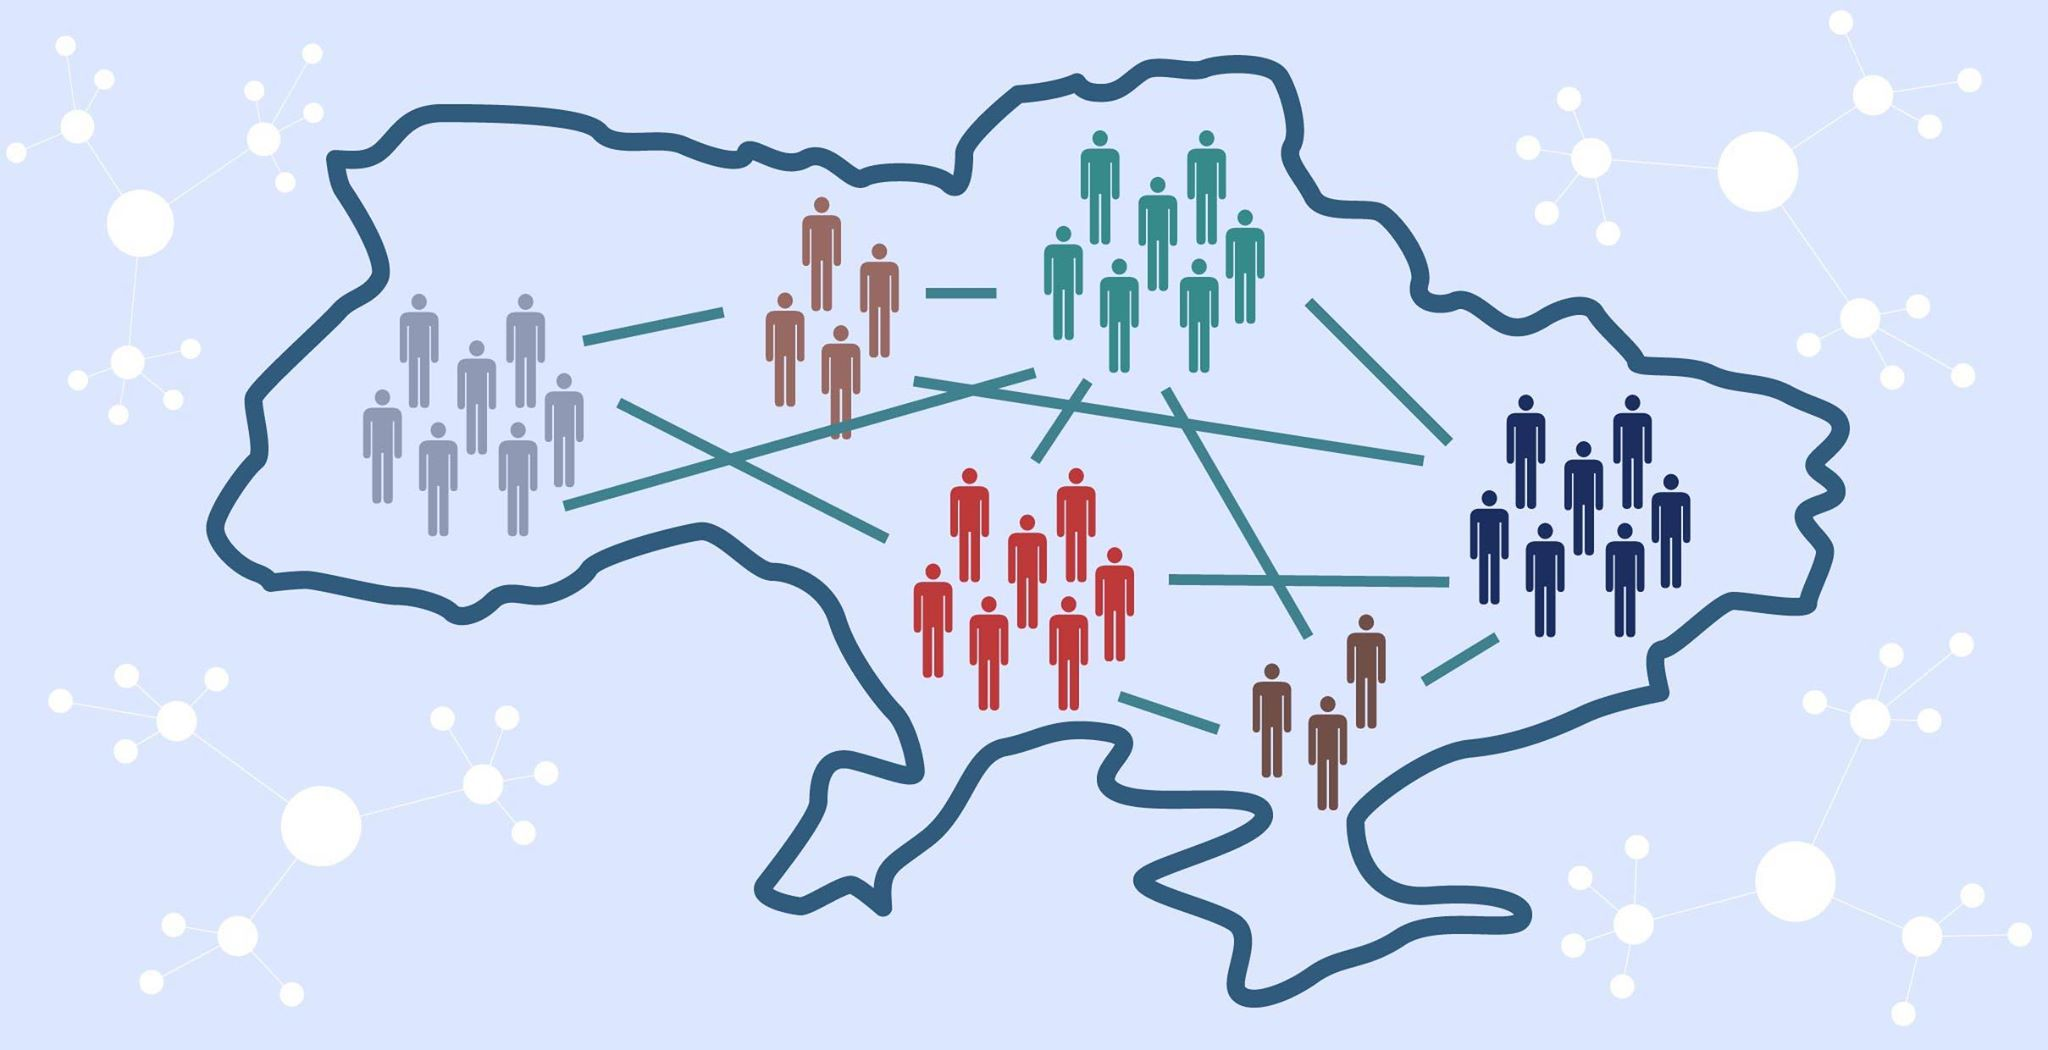 Територіальні громади отримають новий рівень прав і можливостей